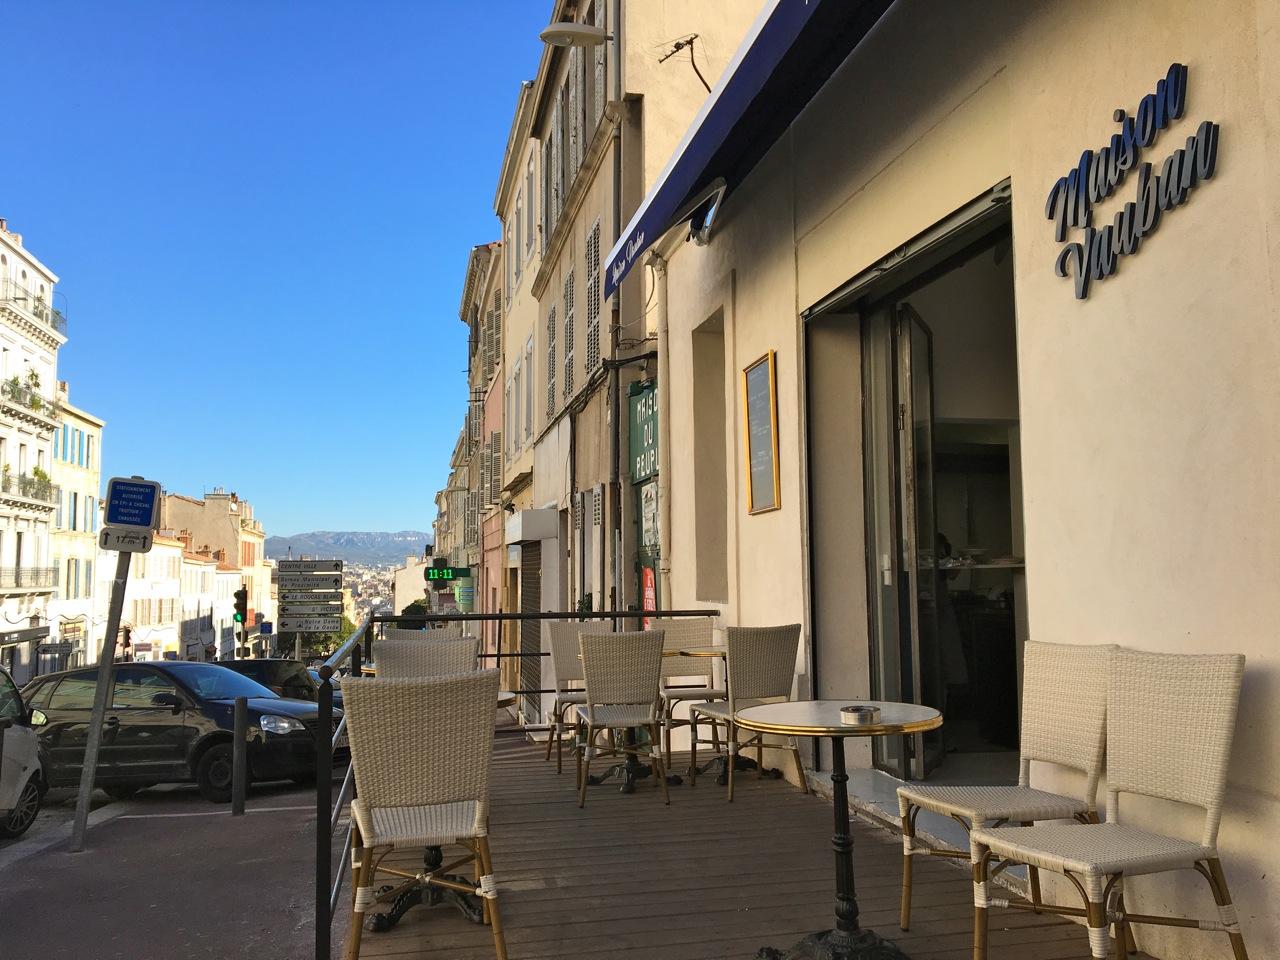 Restaurant marseille maison vauban love spots - Restaurant le jardin marseille ...